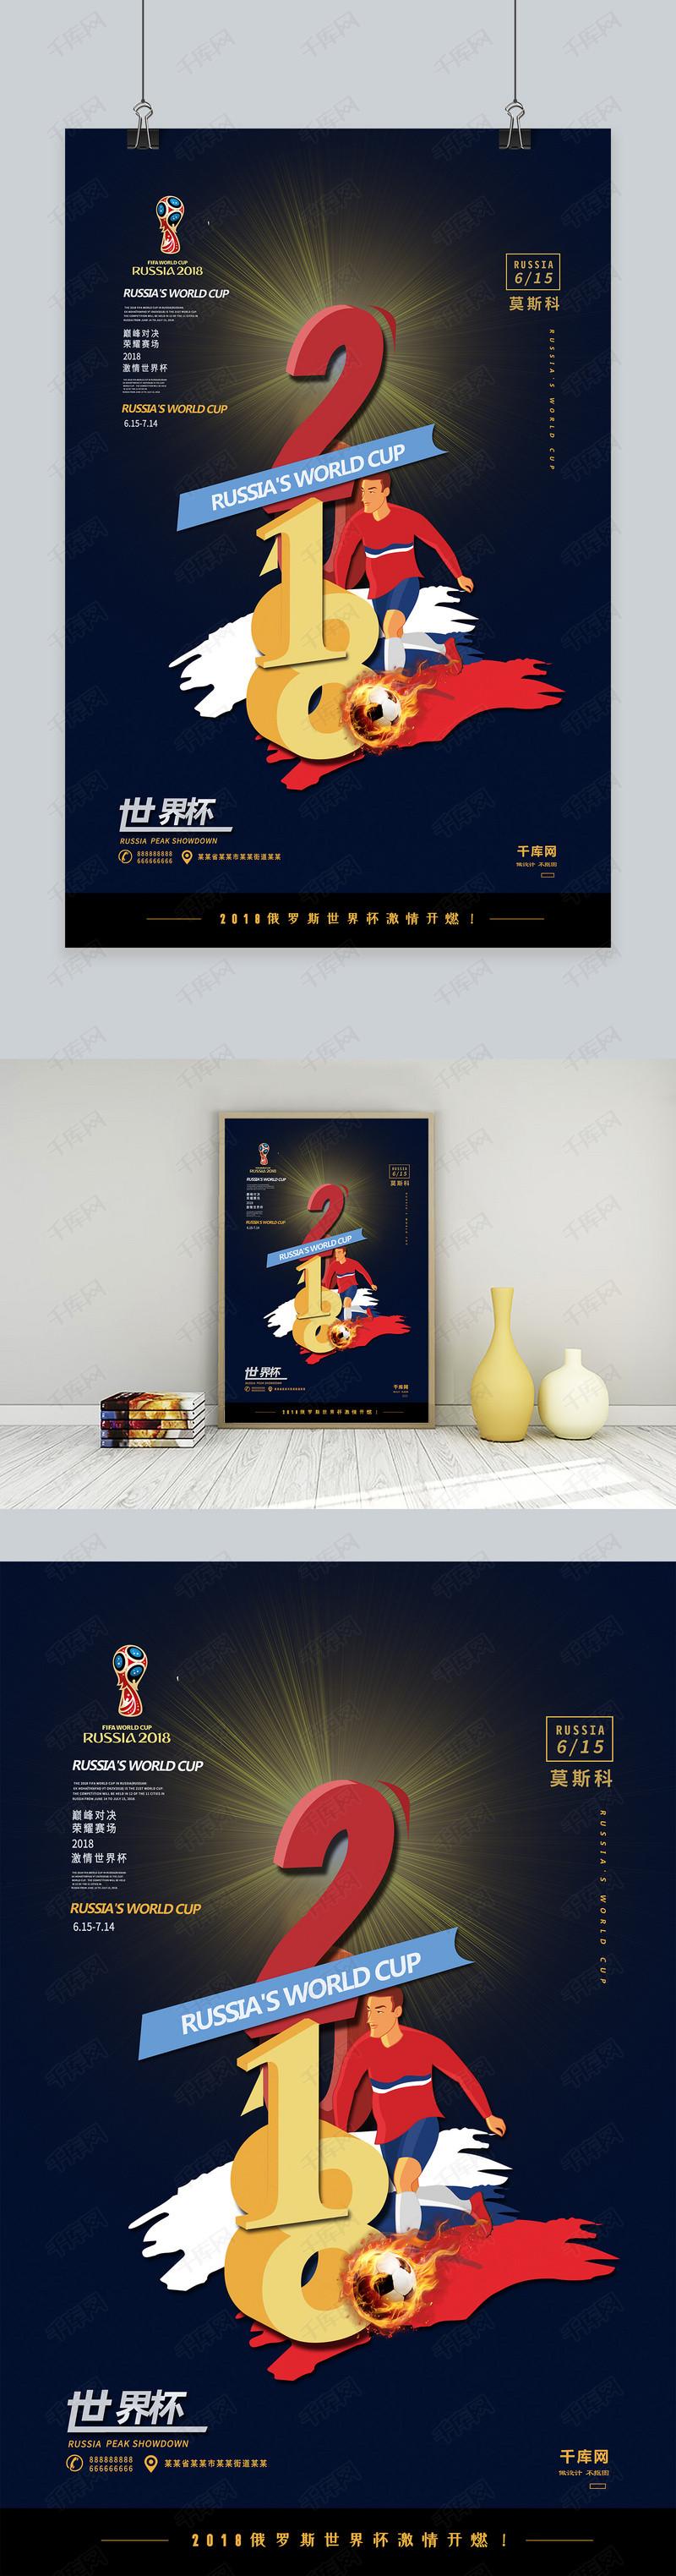 2018俄罗斯世界杯足球赛激情赛场比赛海报